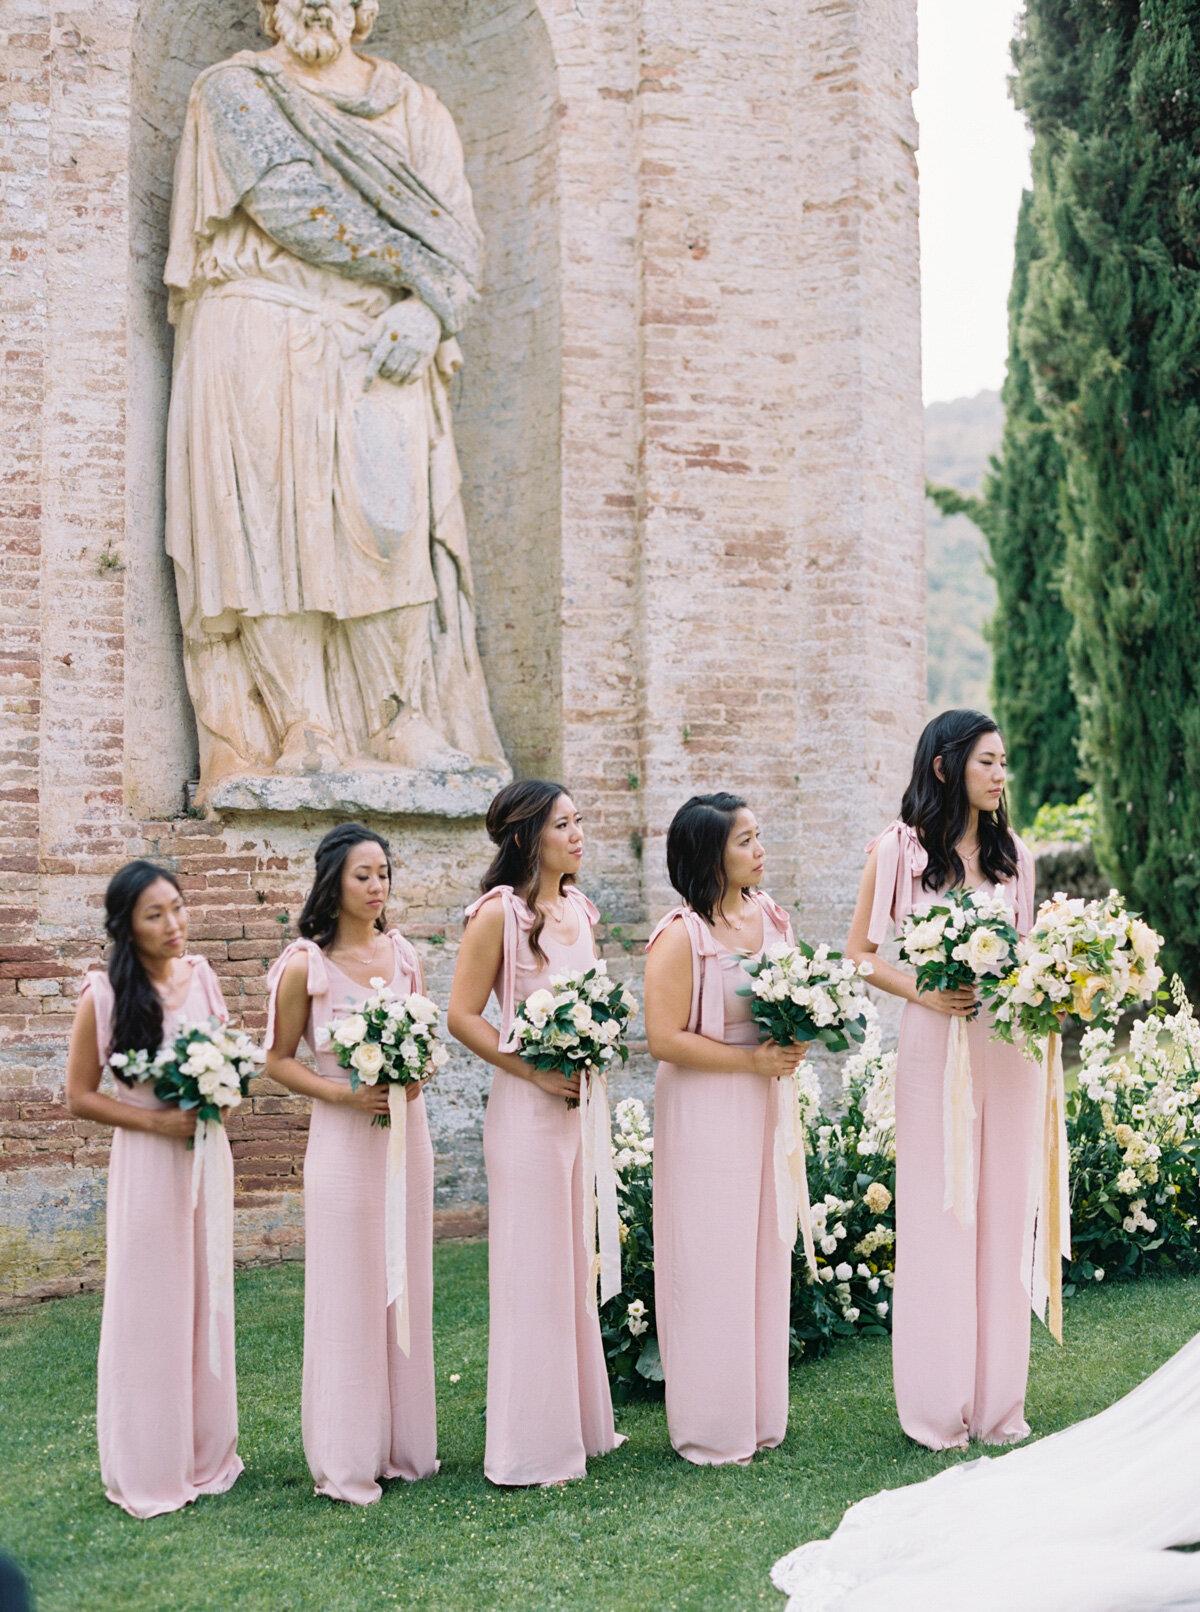 Villa-Cetinale-Tuscany-Katie-Grant-destination-wedding (72 of 115).jpg